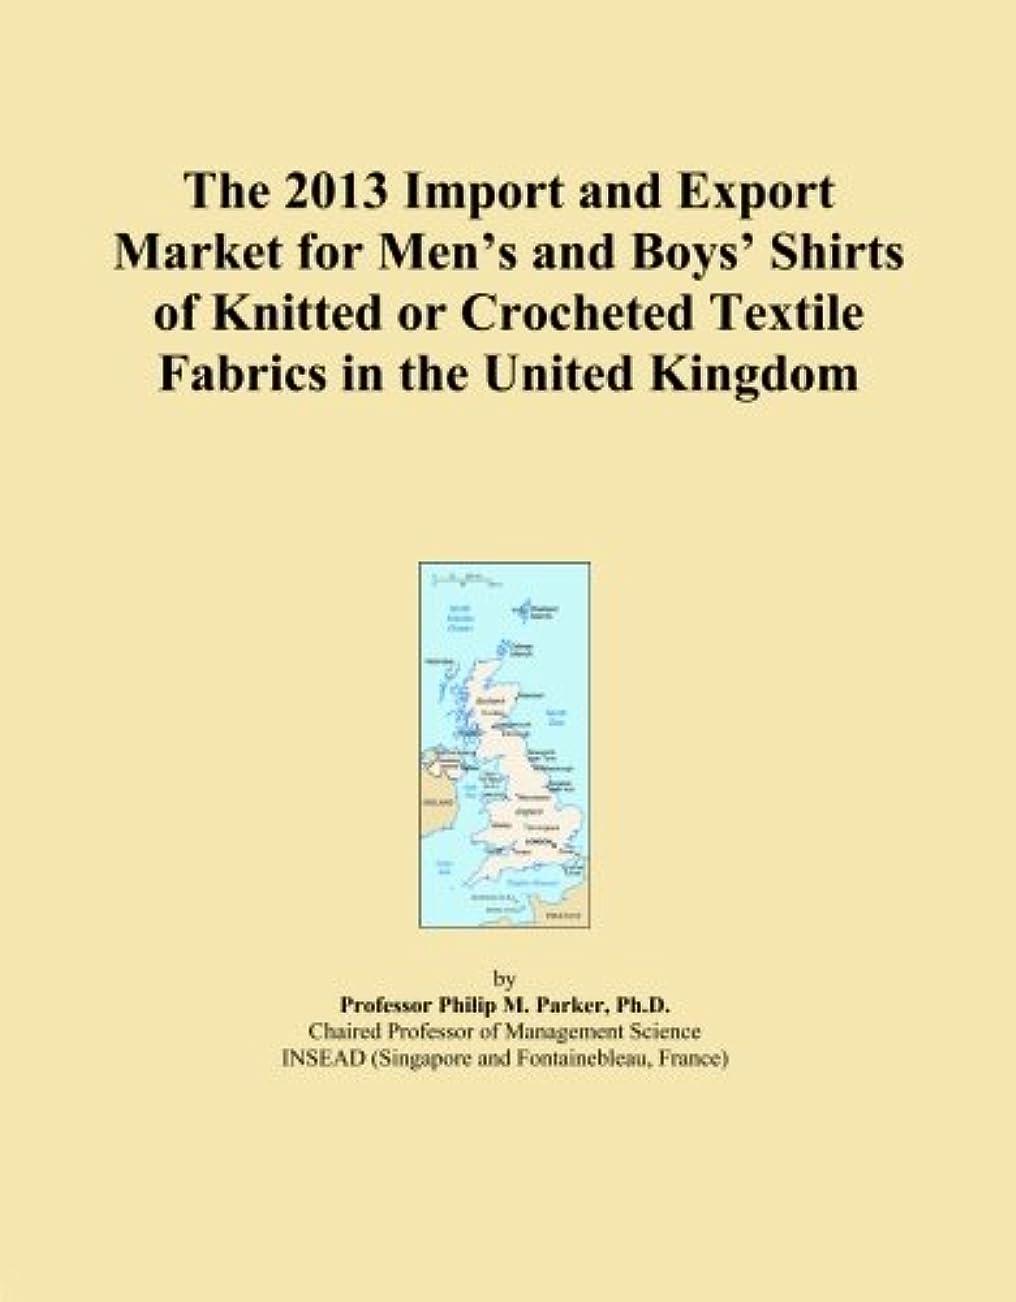 レコーダー損なうハウジングThe 2013 Import and Export Market for Men's and Boys' Shirts of Knitted or Crocheted Textile Fabrics in the United Kingdom